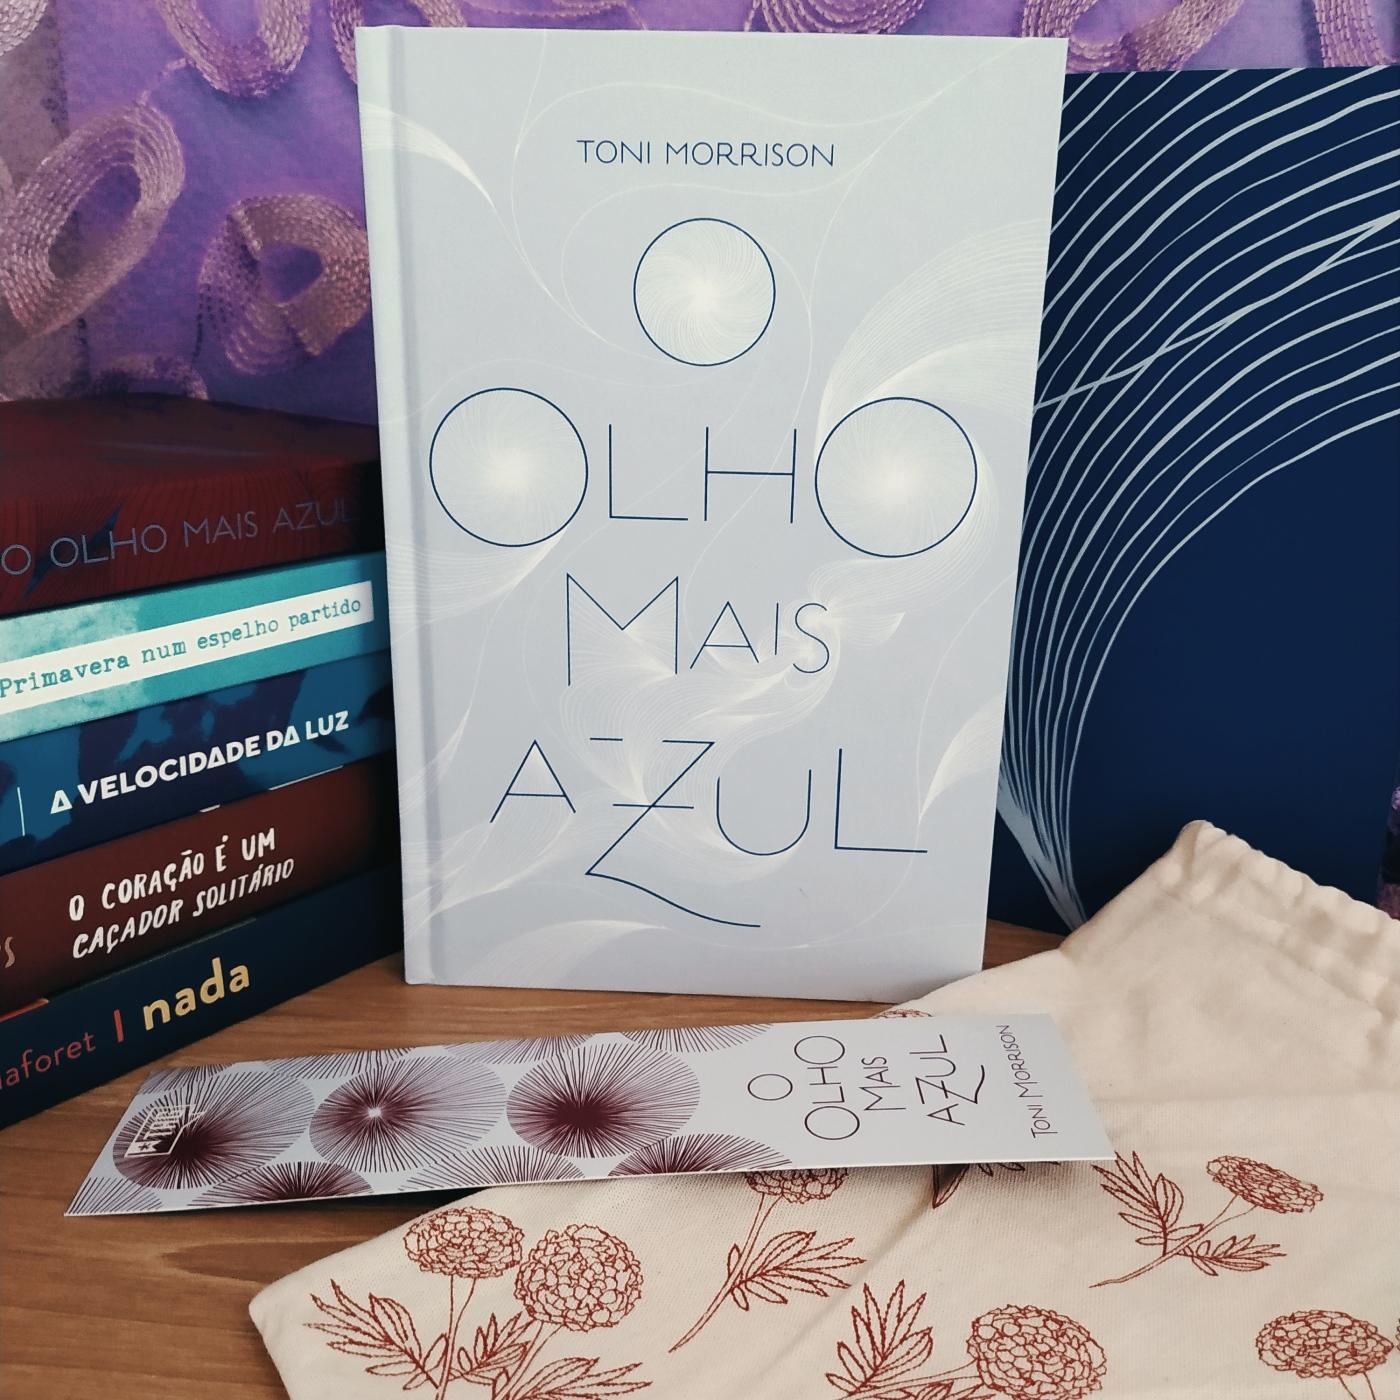 Capa do livro O Olho Mais Azul, com uma pilha de livros anteriores da TAG Curadoria à esquerda e a revista que aocmpanha o kit à direita. Abaixo do livro estão o marcador de páginas personalizado da TAG e o brinde do kit, que é uma pequena ecobag, para carregar um livro. Ao fundo está um tecido roxo.